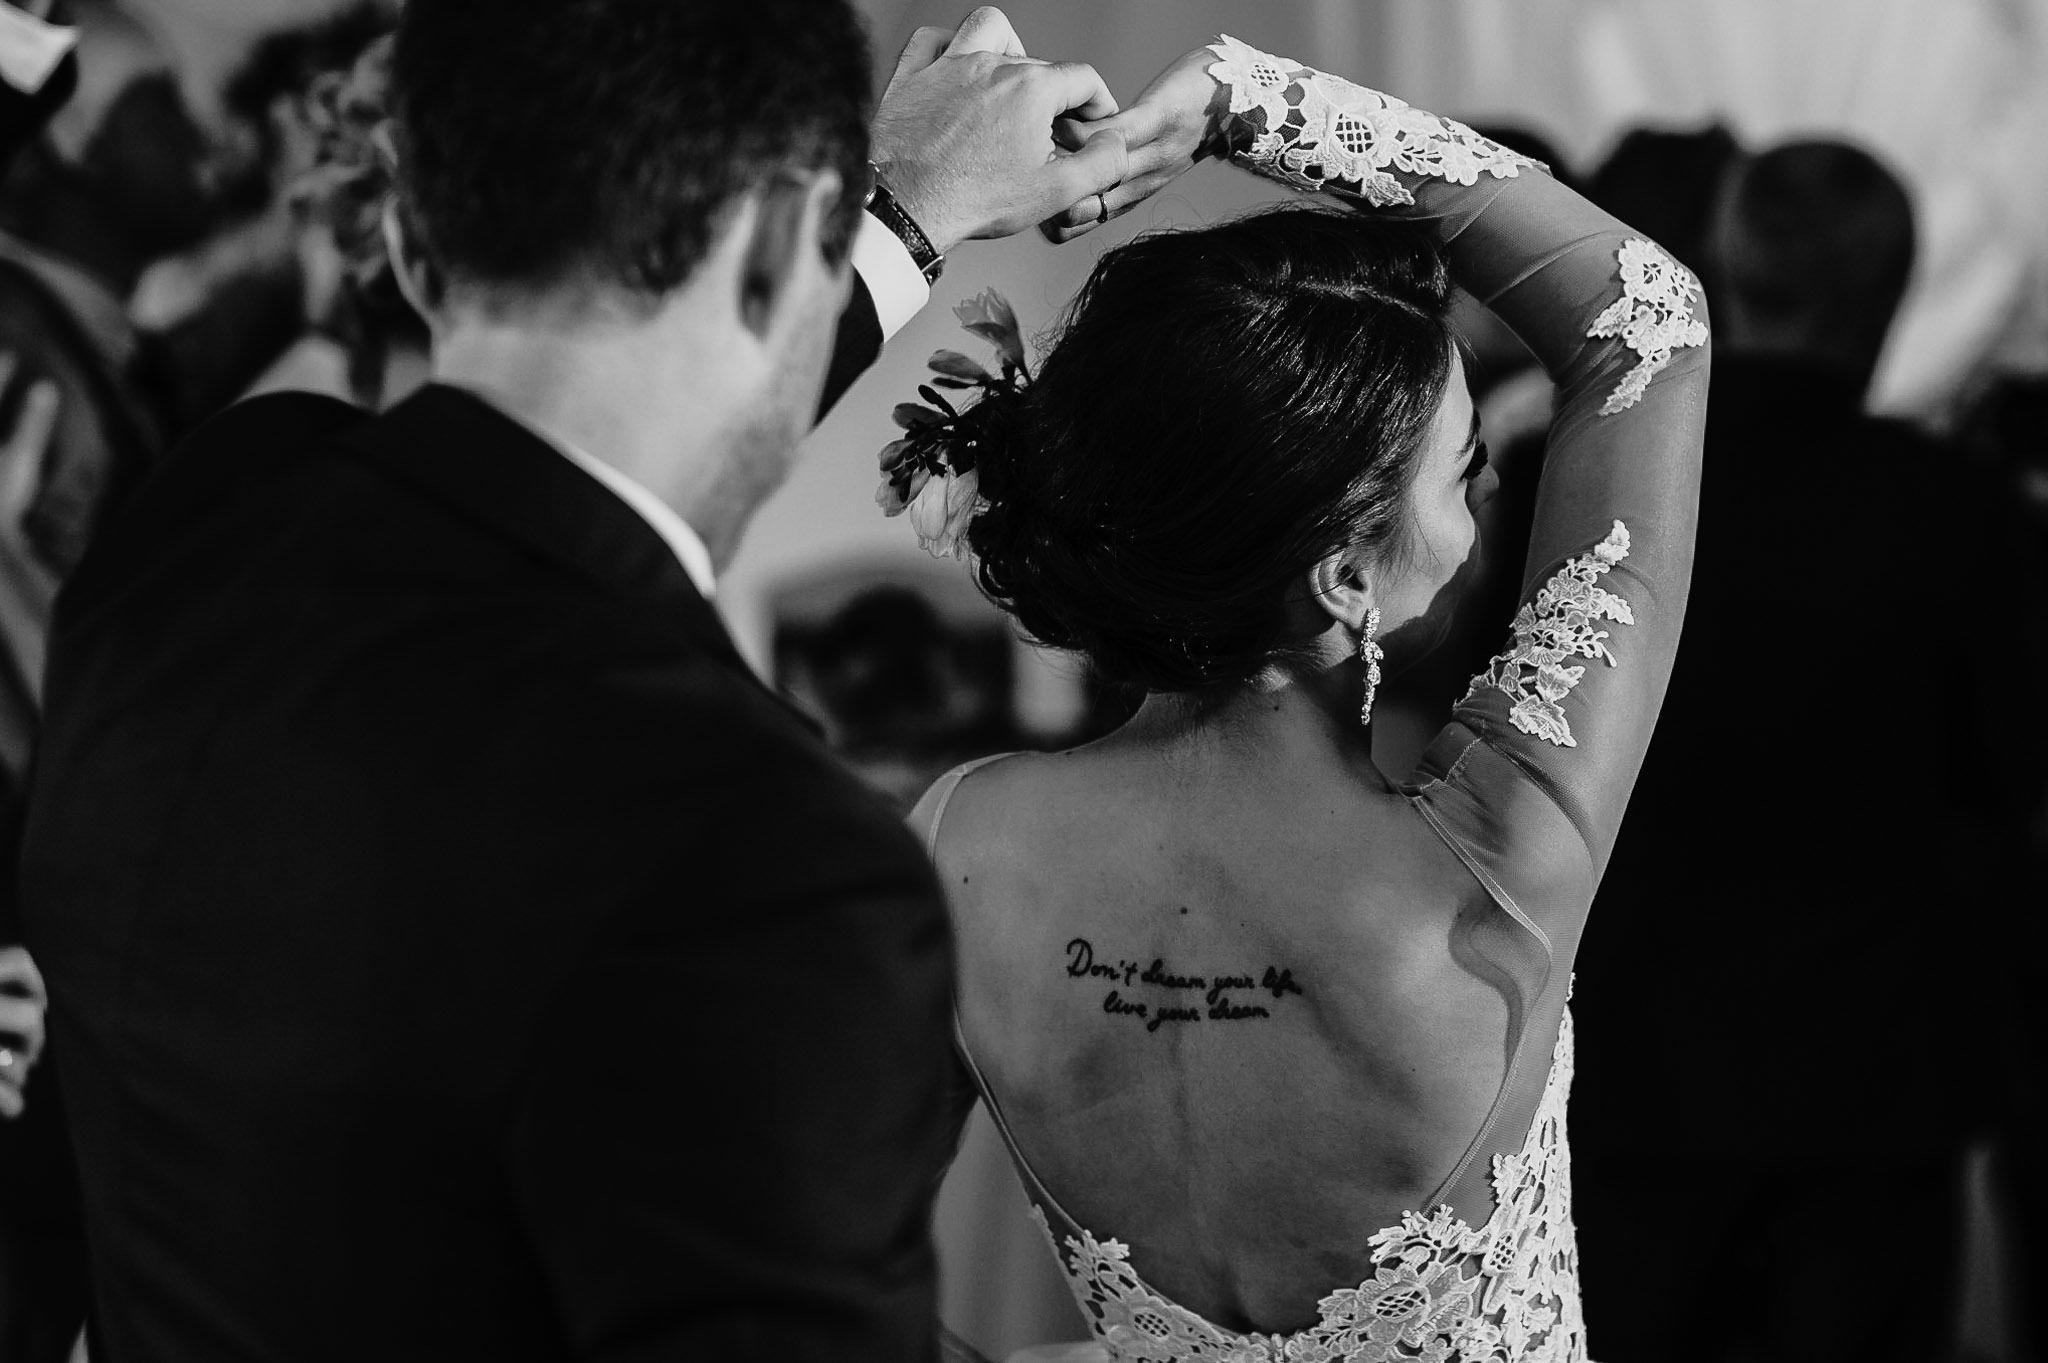 Angelika i Michał, piękne zdjęcia ślubne i sesja plenerowa w Gołuchowie 158